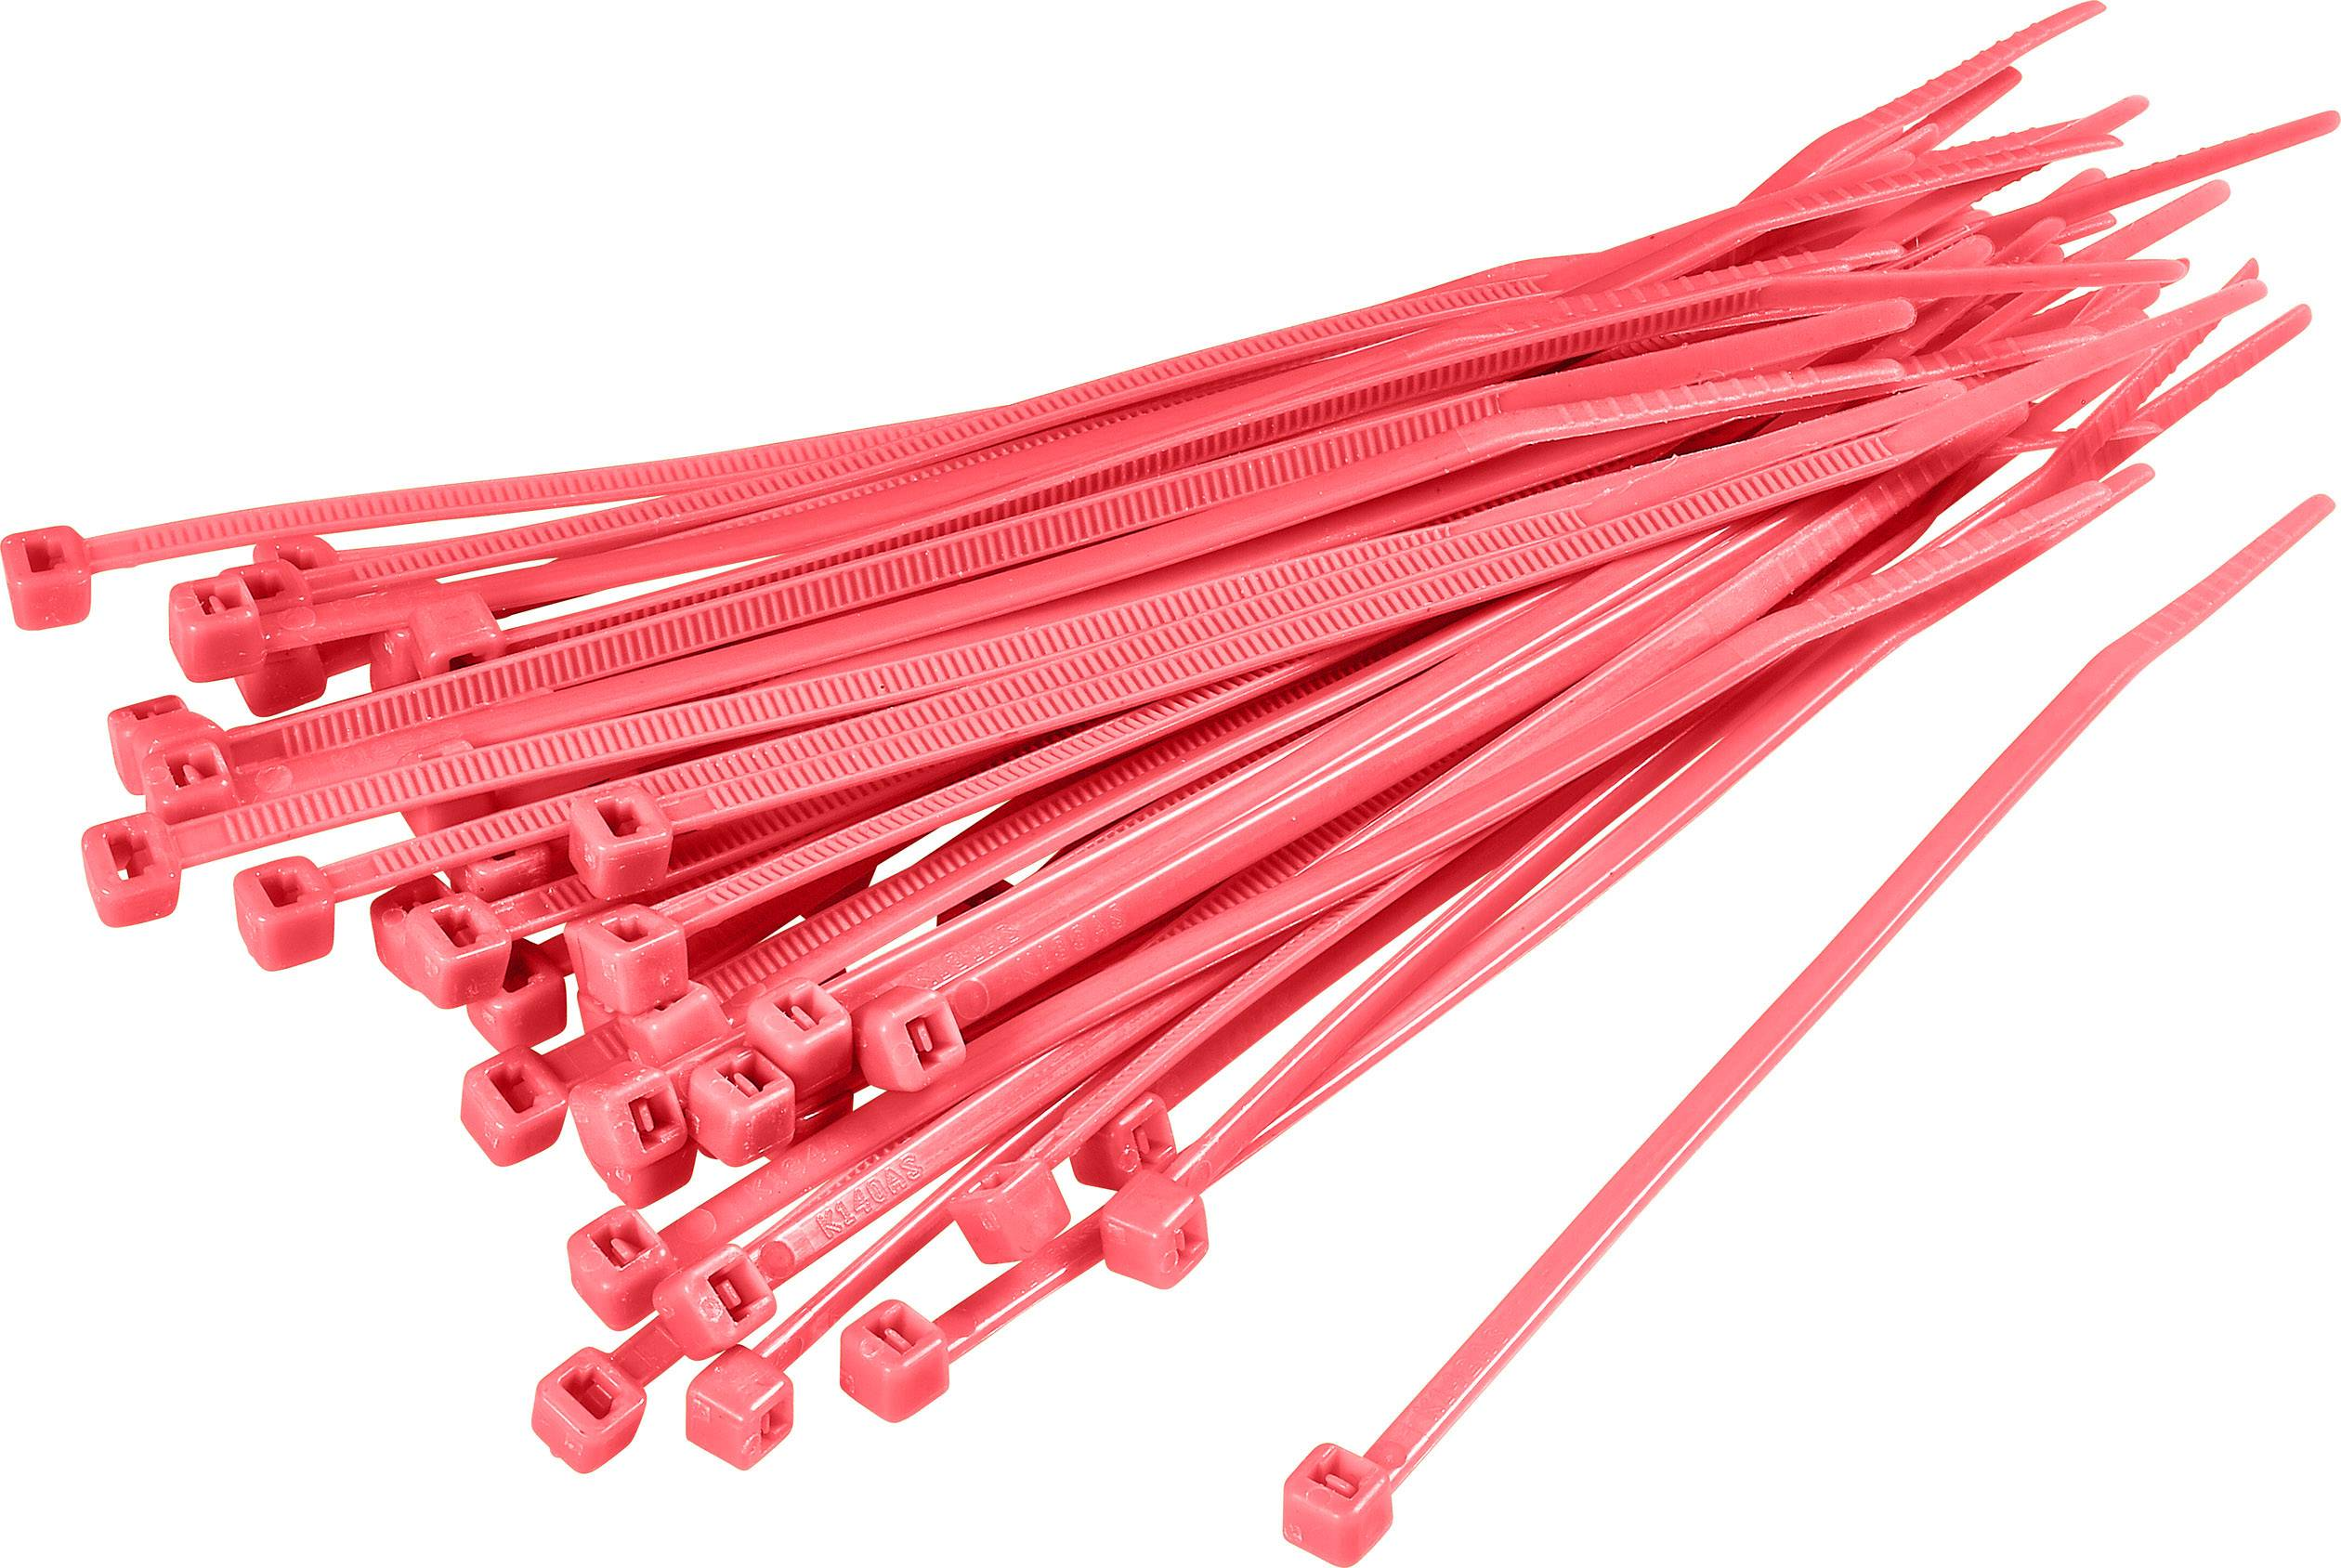 Sťahovacie pásky KSS CV200M 1369085, 203 mm, červená, 100 ks